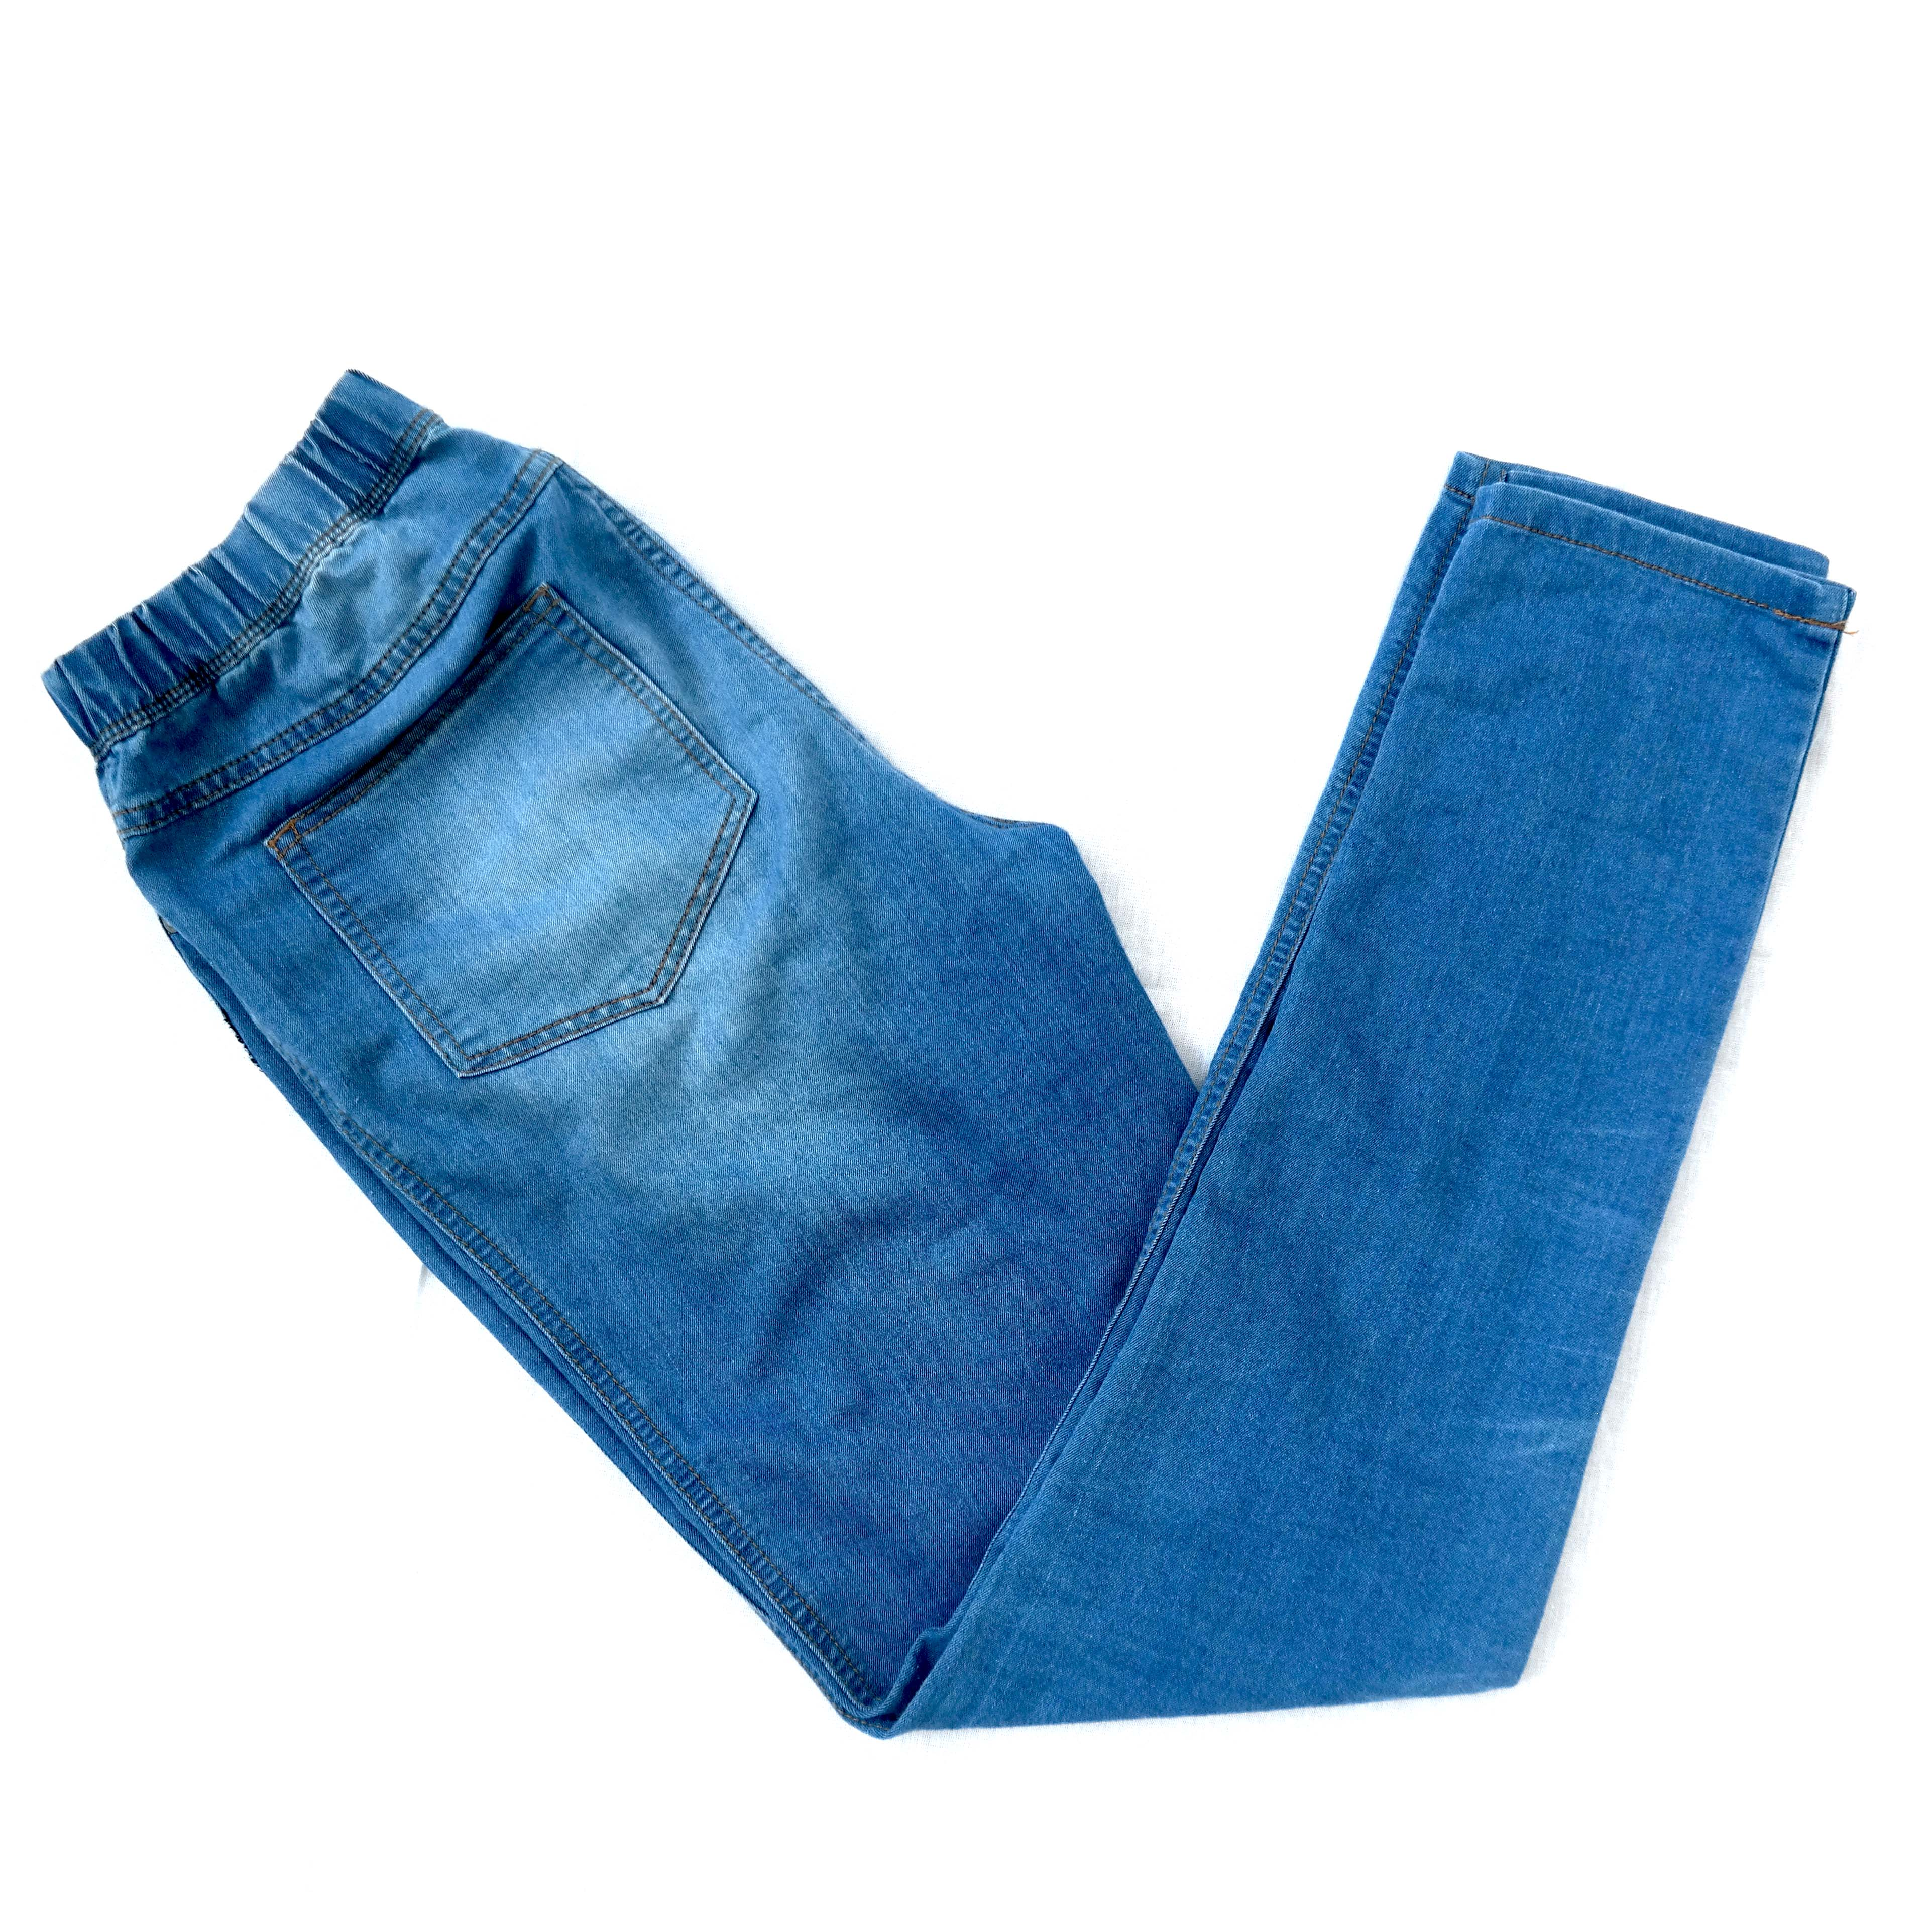 Женские джинсы на резинке в Самаре